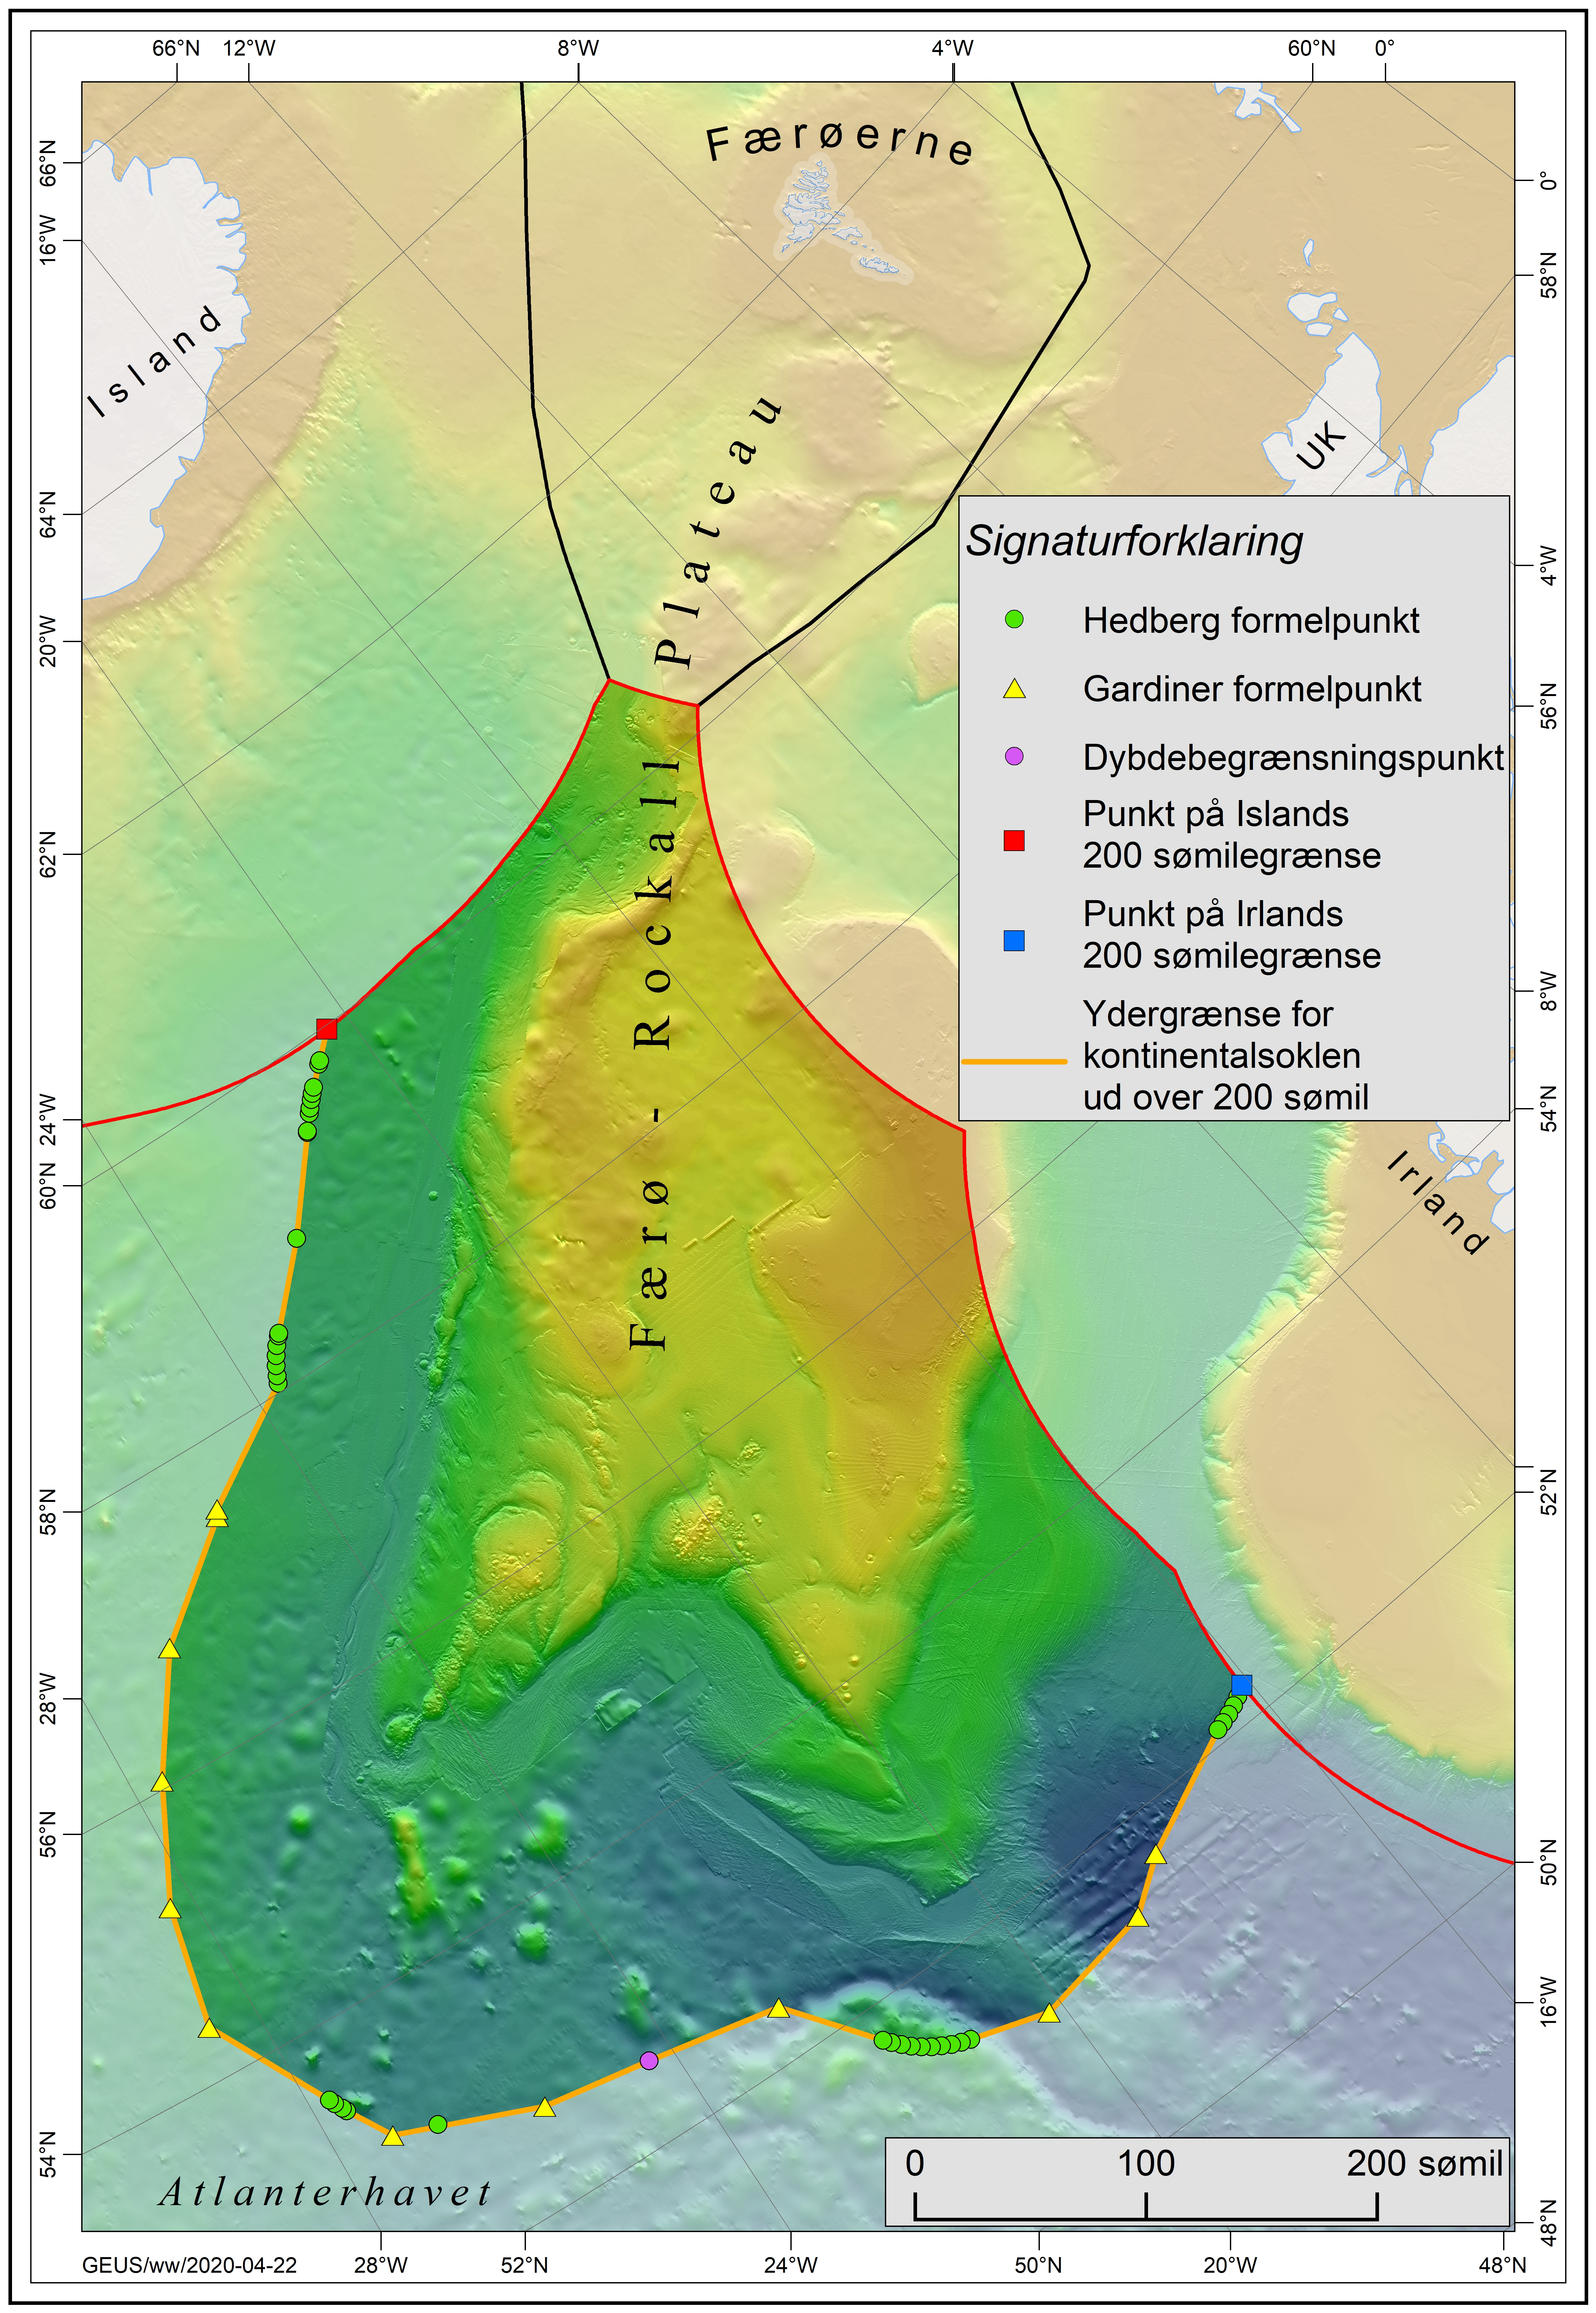 Kort over området syd for Færøerne